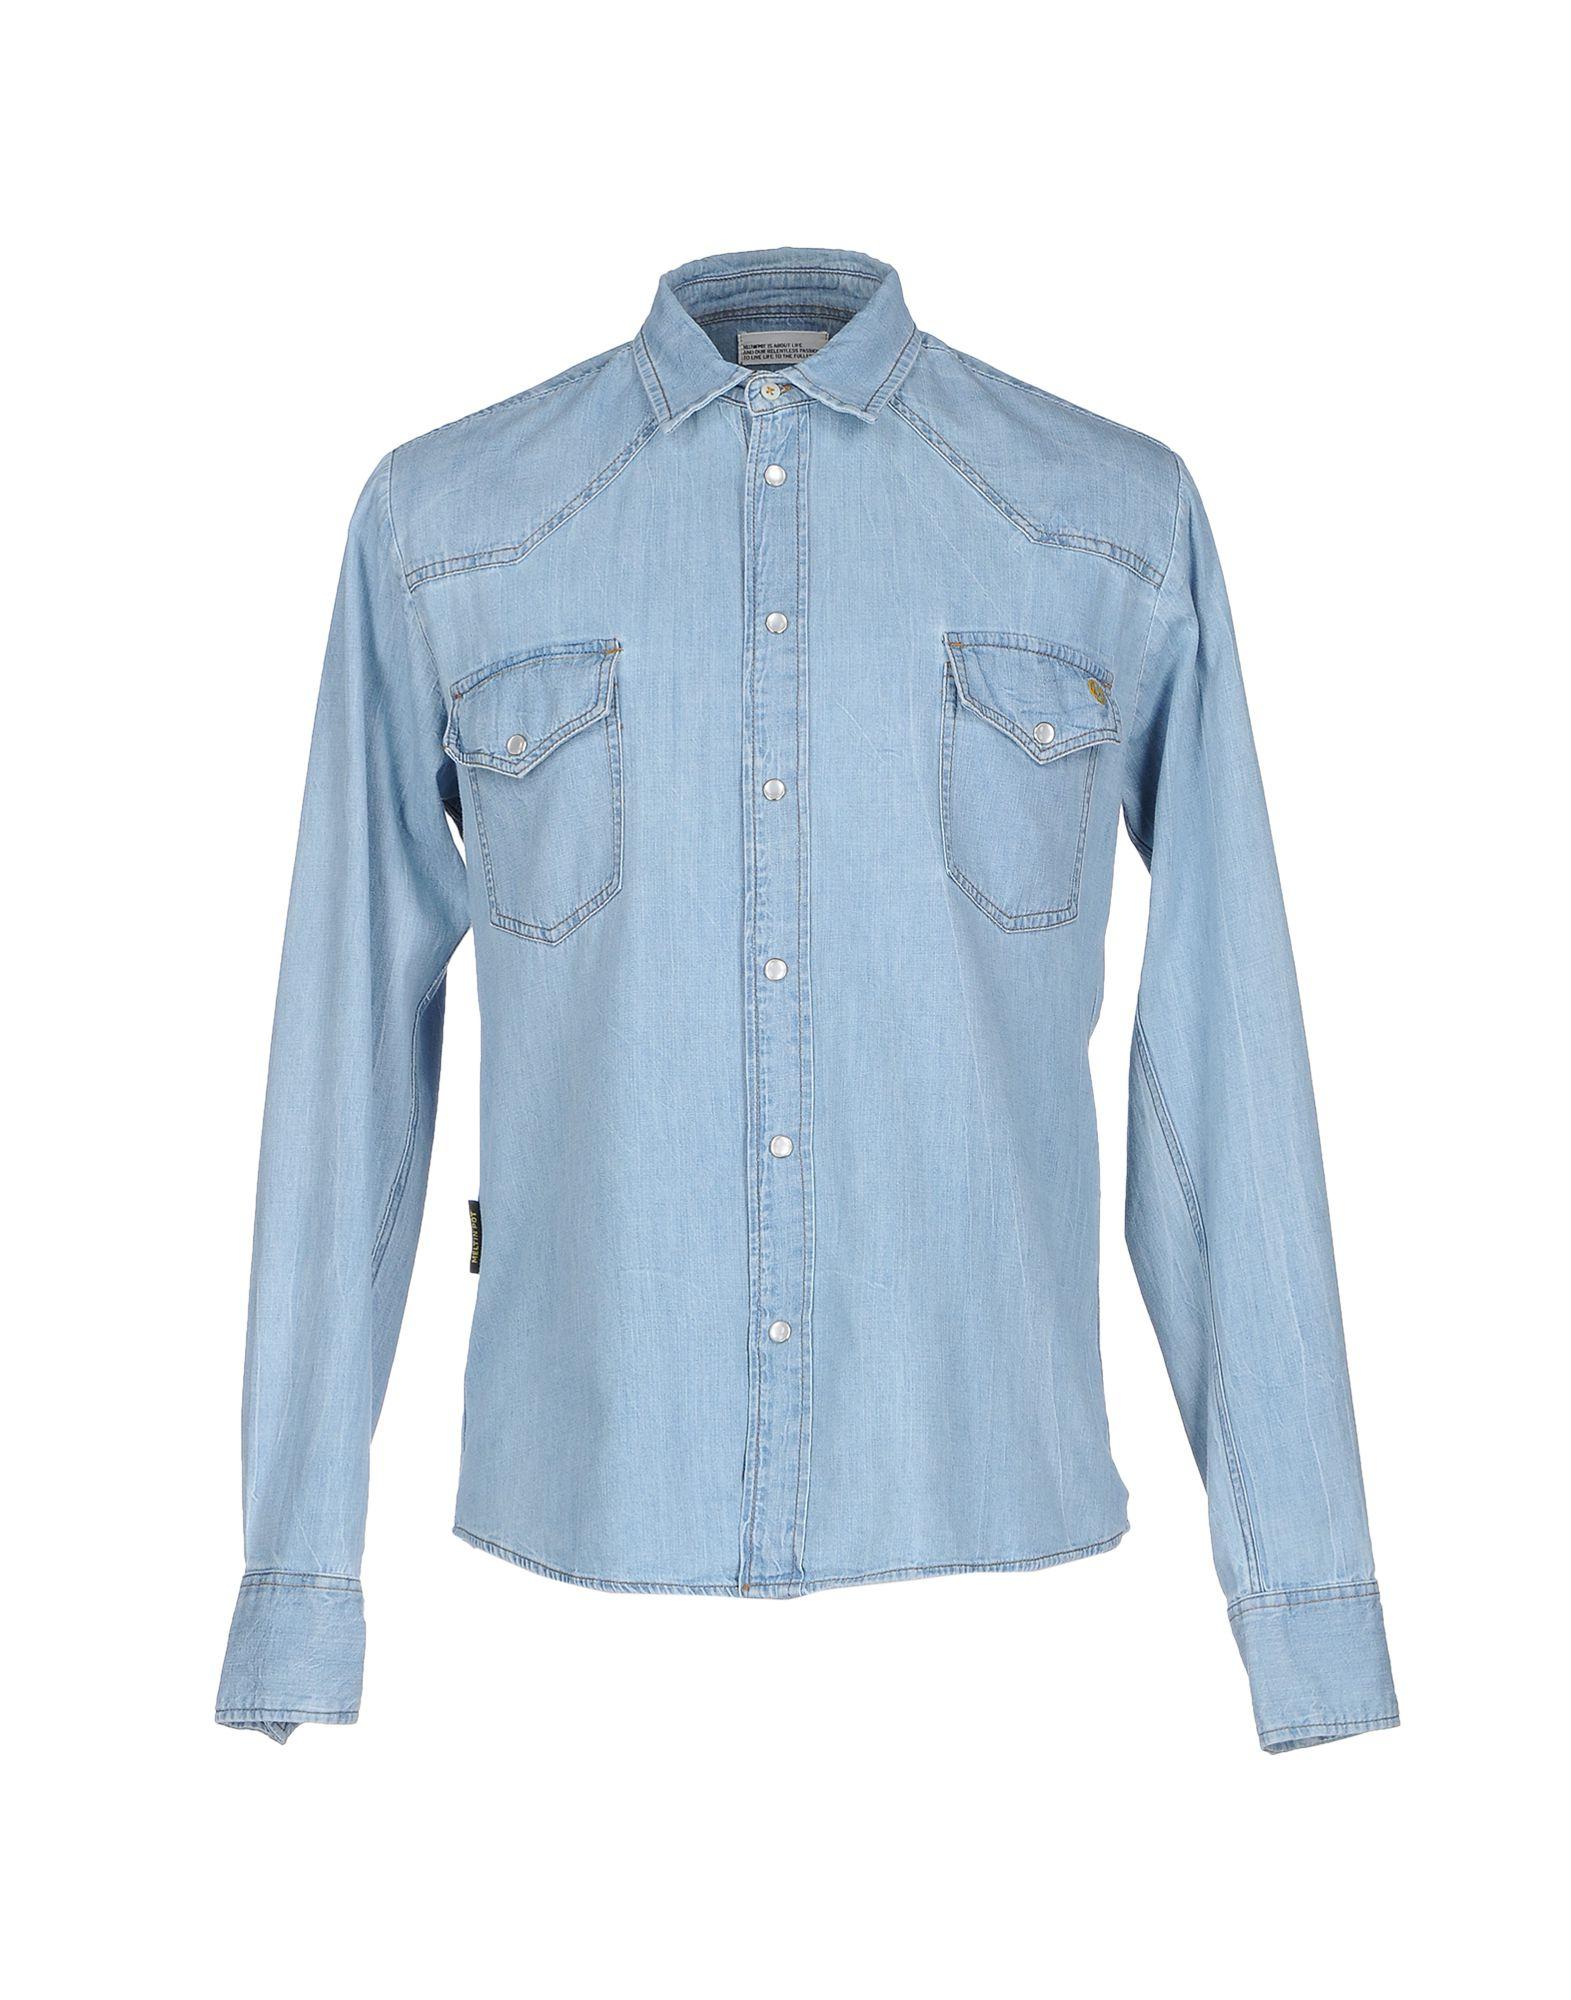 MELTIN POT Джинсовая рубашка джинсовая рубашка quelle arizona 610860